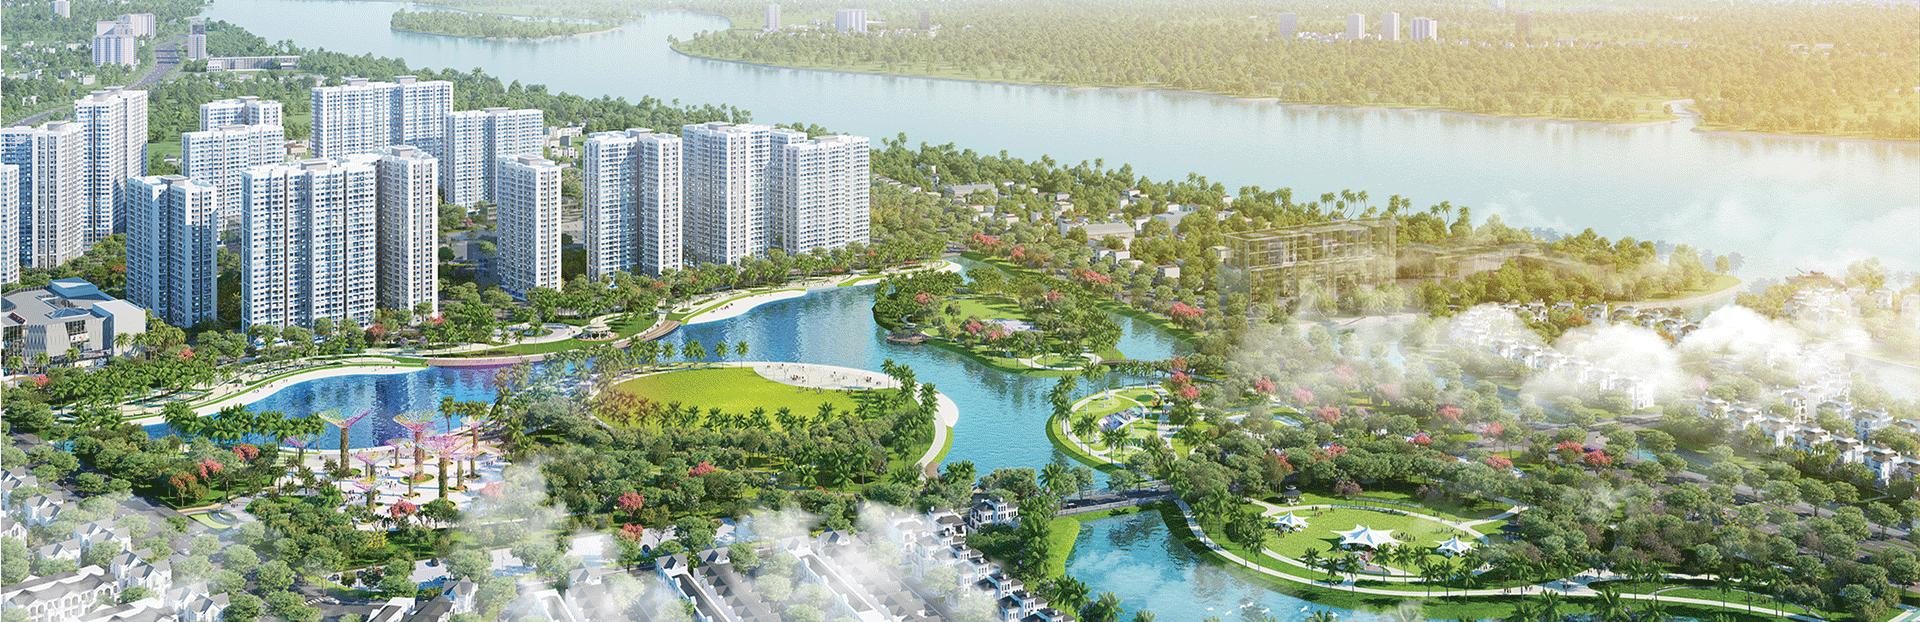 Thành phố Xanh lãi hơn 7.900 tỉ đồng - Ảnh 2.